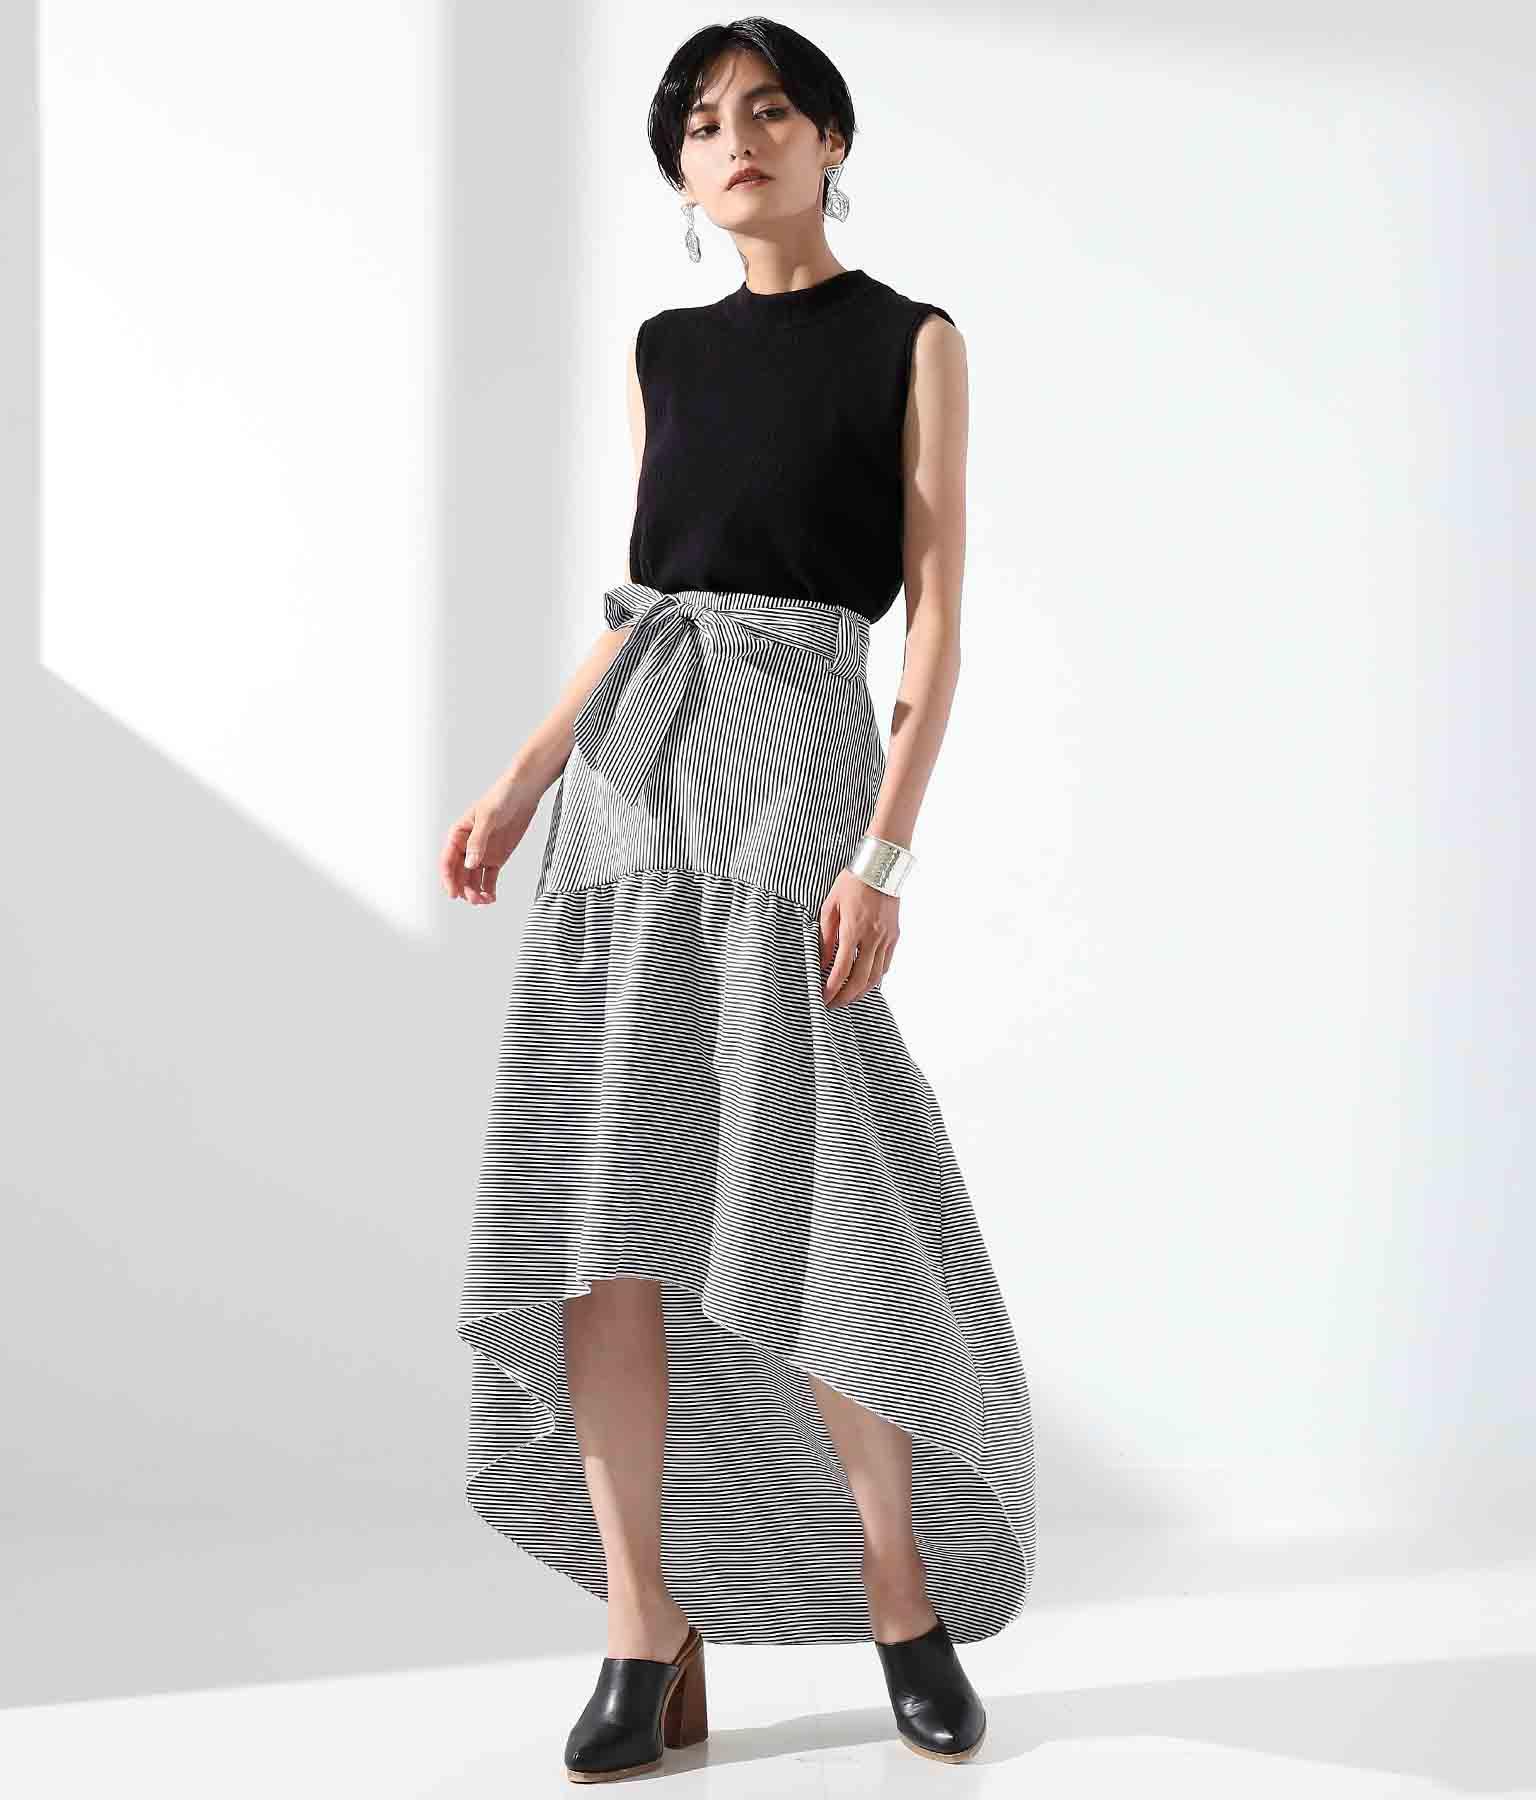 ストライプxボーダー切替デサインテールカットスカート(ボトムス・パンツ /スカート) | Settimissimo